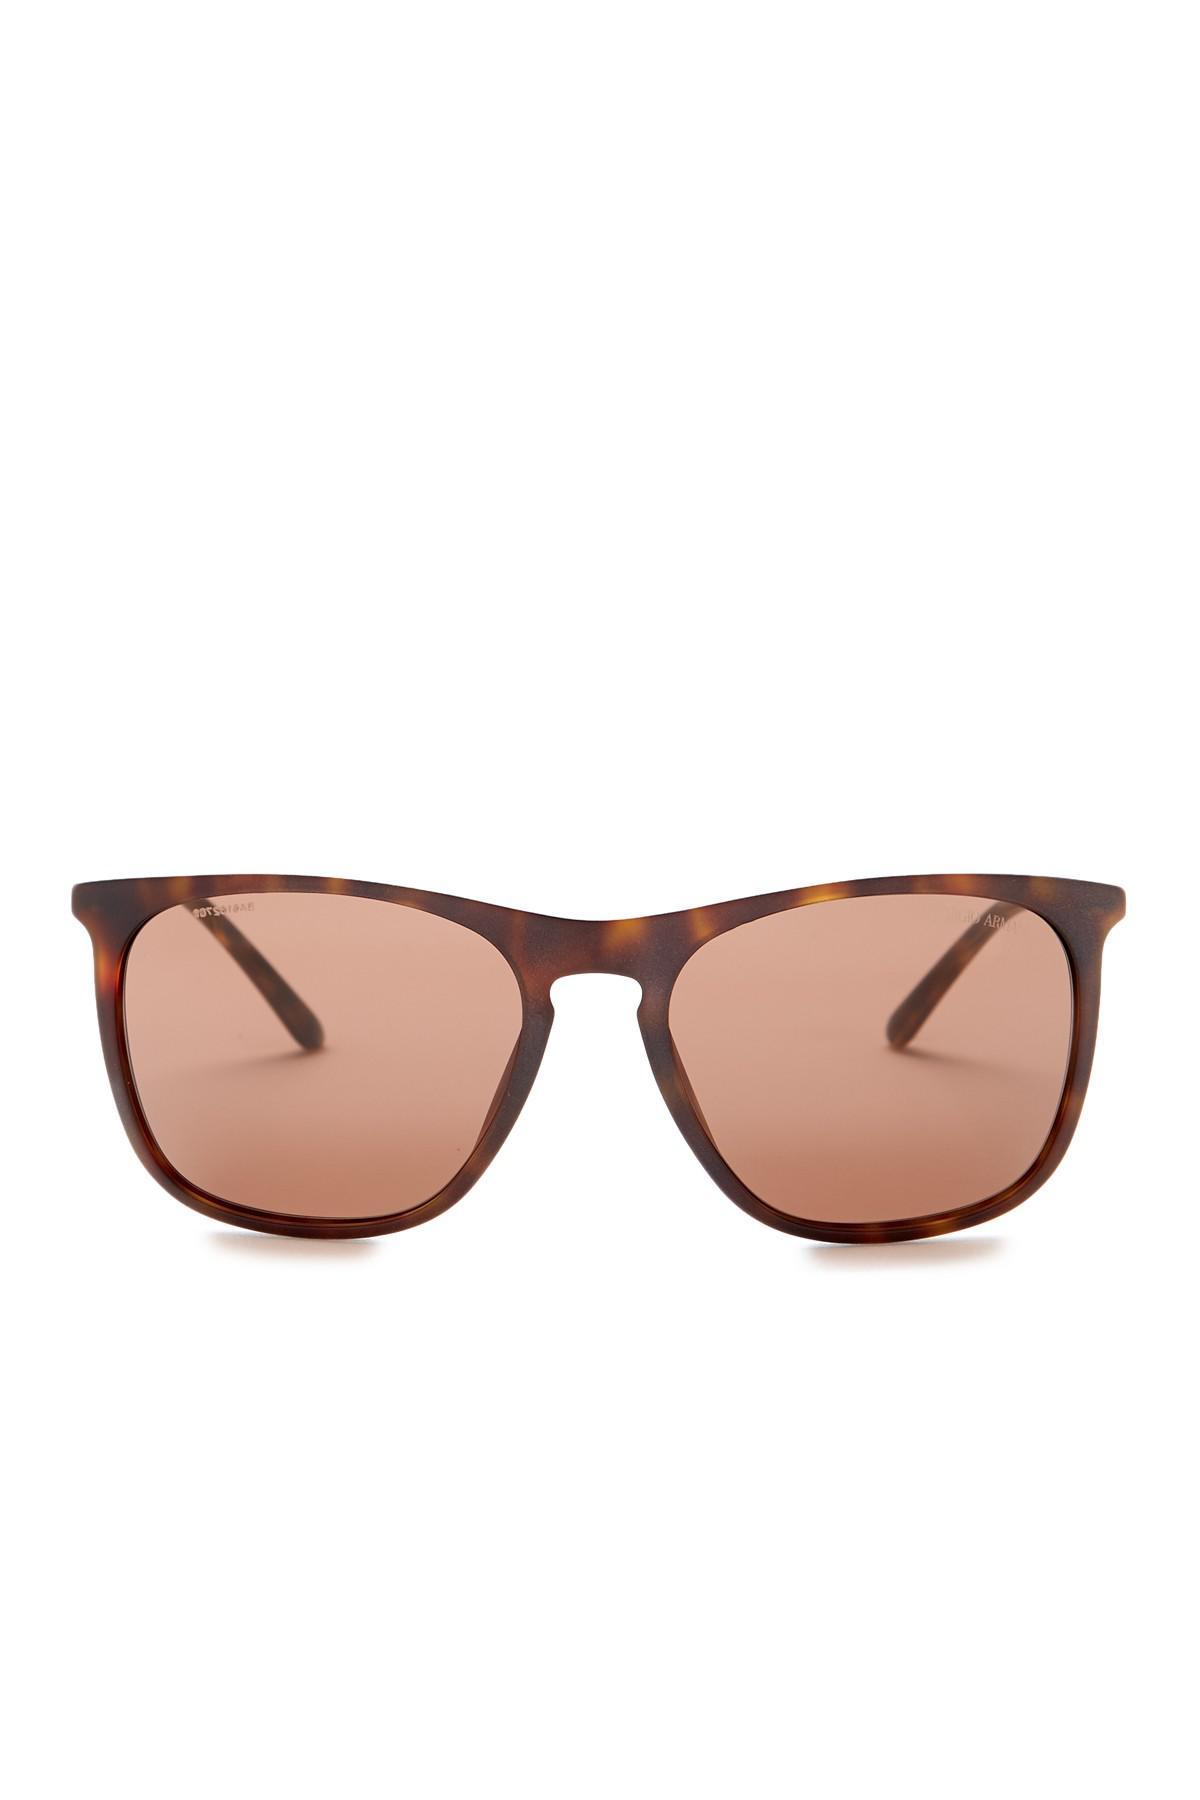 0513d6f7ce8 Lyst - Giorgio Armani Men s Square Matte Havana Sunglasses in Brown ...